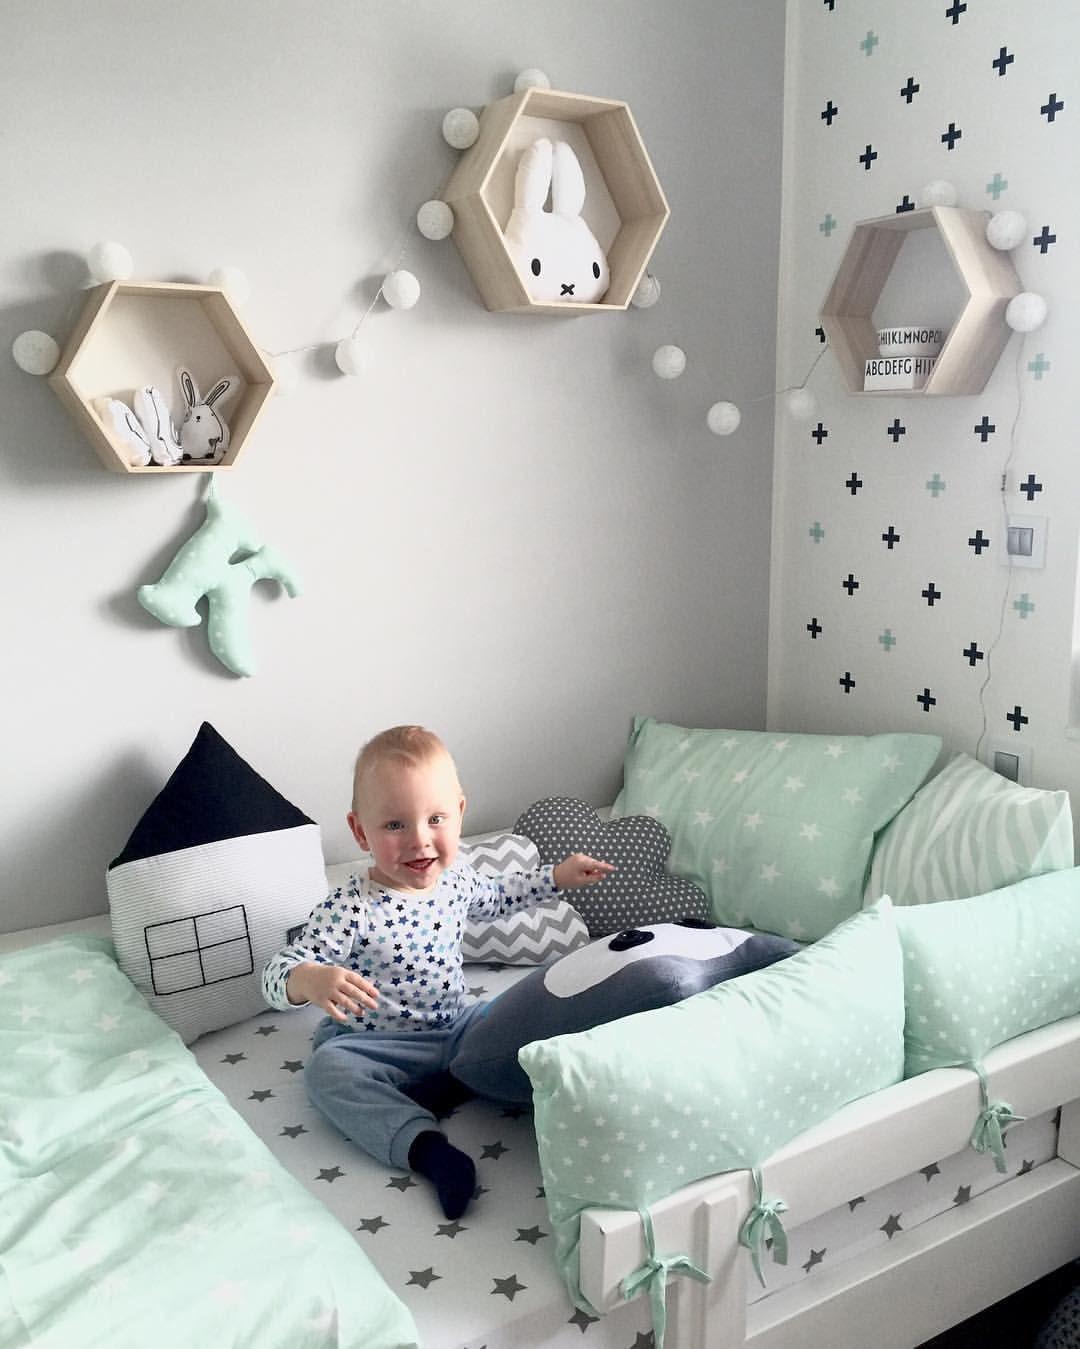 Regardez cette photo instagram de kajastef 157 mentions j aime chambre enfant pinterest - Chambre enfant pinterest ...